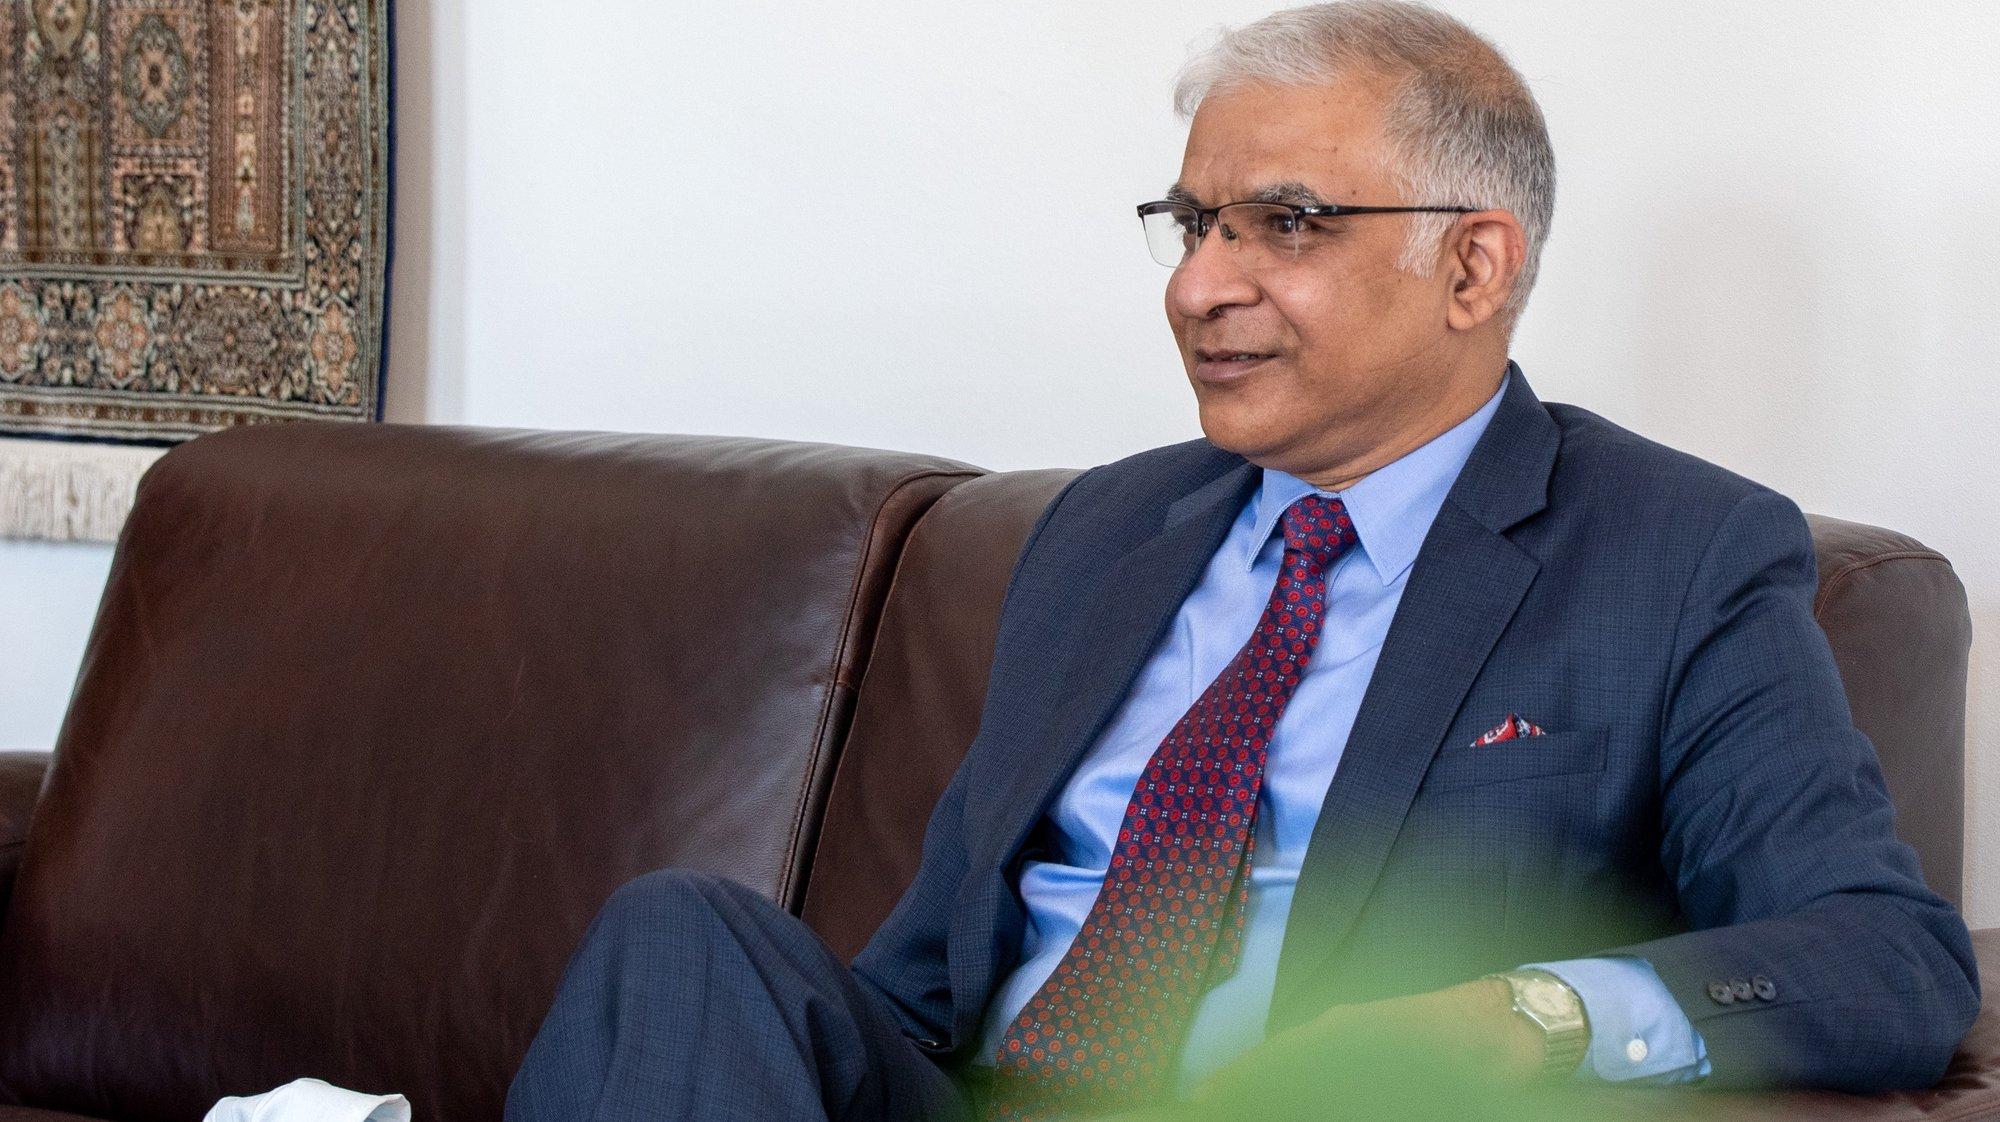 """O embaixador da Índia junto da União Europeia (UE), Santosh Jha, em entrevista à Lusa na embaixada da Índia em Bruxelas, no âmbito da reunião de líderes UE-Índia que decorrerá, de maneira virtual, no próximo sábado, Santosh Jha diz que """"se se observar a trajetória económica da Índia"""", vê-se que o país """"será a terceira economia do mundo"""" em 2030, sendo """"muito possível"""" que, mais tarde, """"se torne na segunda ou na primeira, 03 de maio de 2021. (ACOMPANHA TEXTO DE 5 DE MAIO DE 2021 ) TONY DA SILVA/LUSA"""